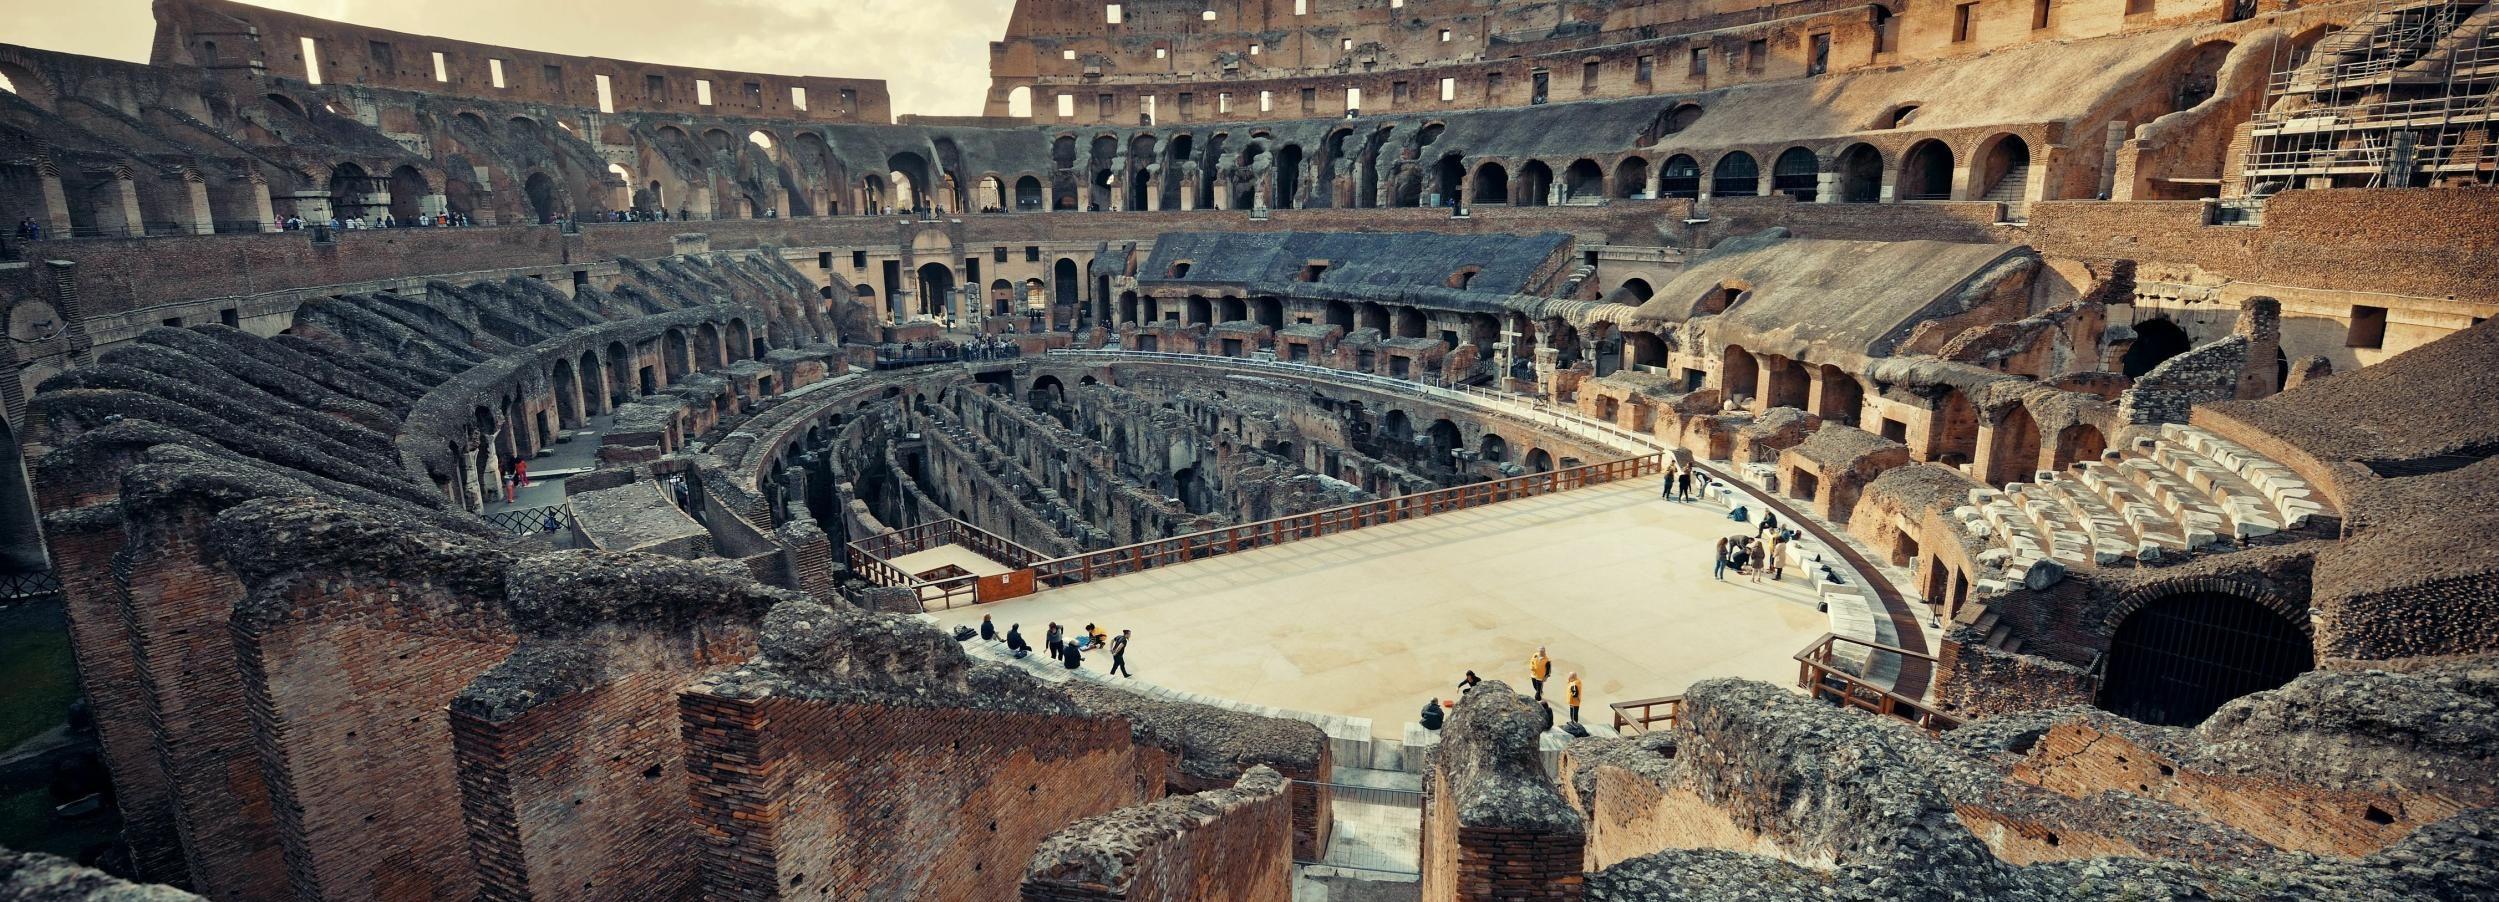 Roma: tour prioritario dell'Arena del Colosseo e antica Roma